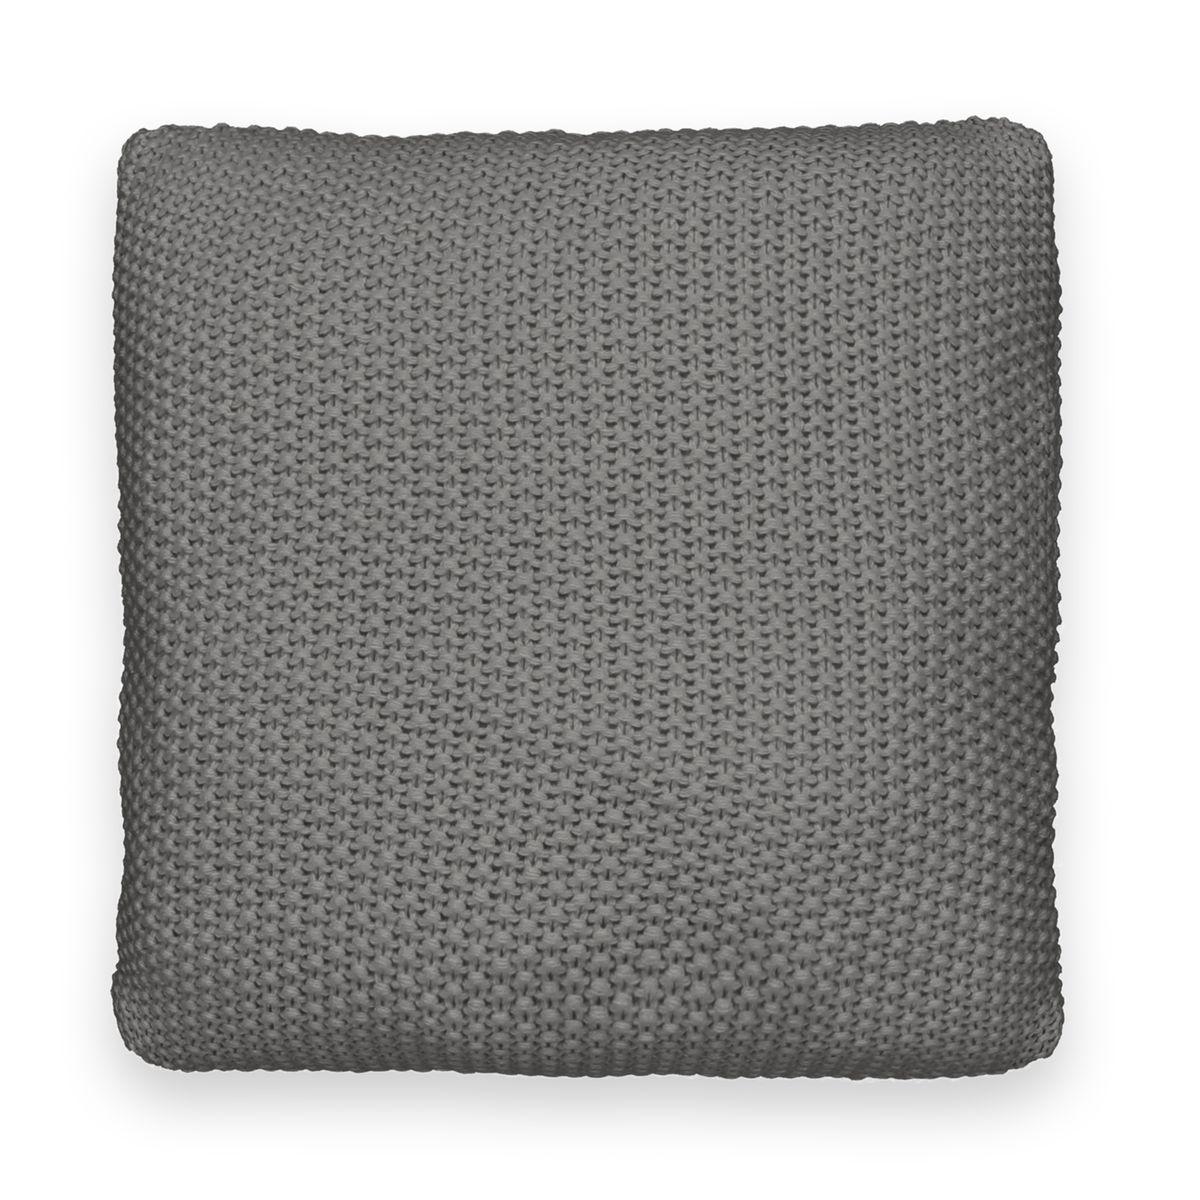 Housse de coussin tricot, WESTPORT